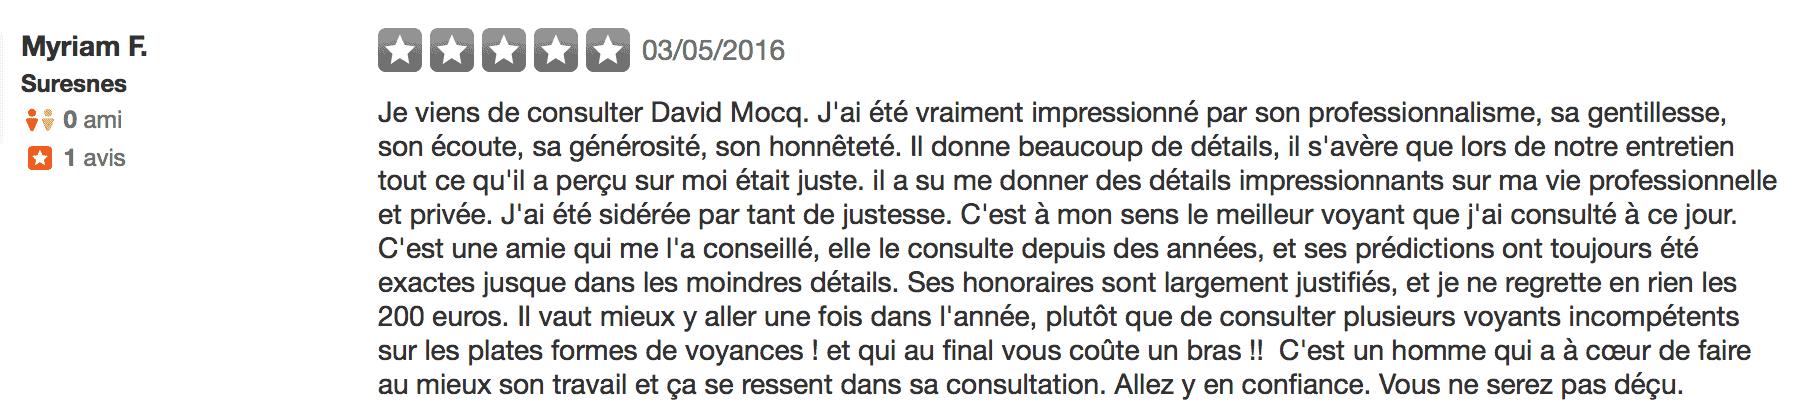 Avis David Mocq - Yelp 5